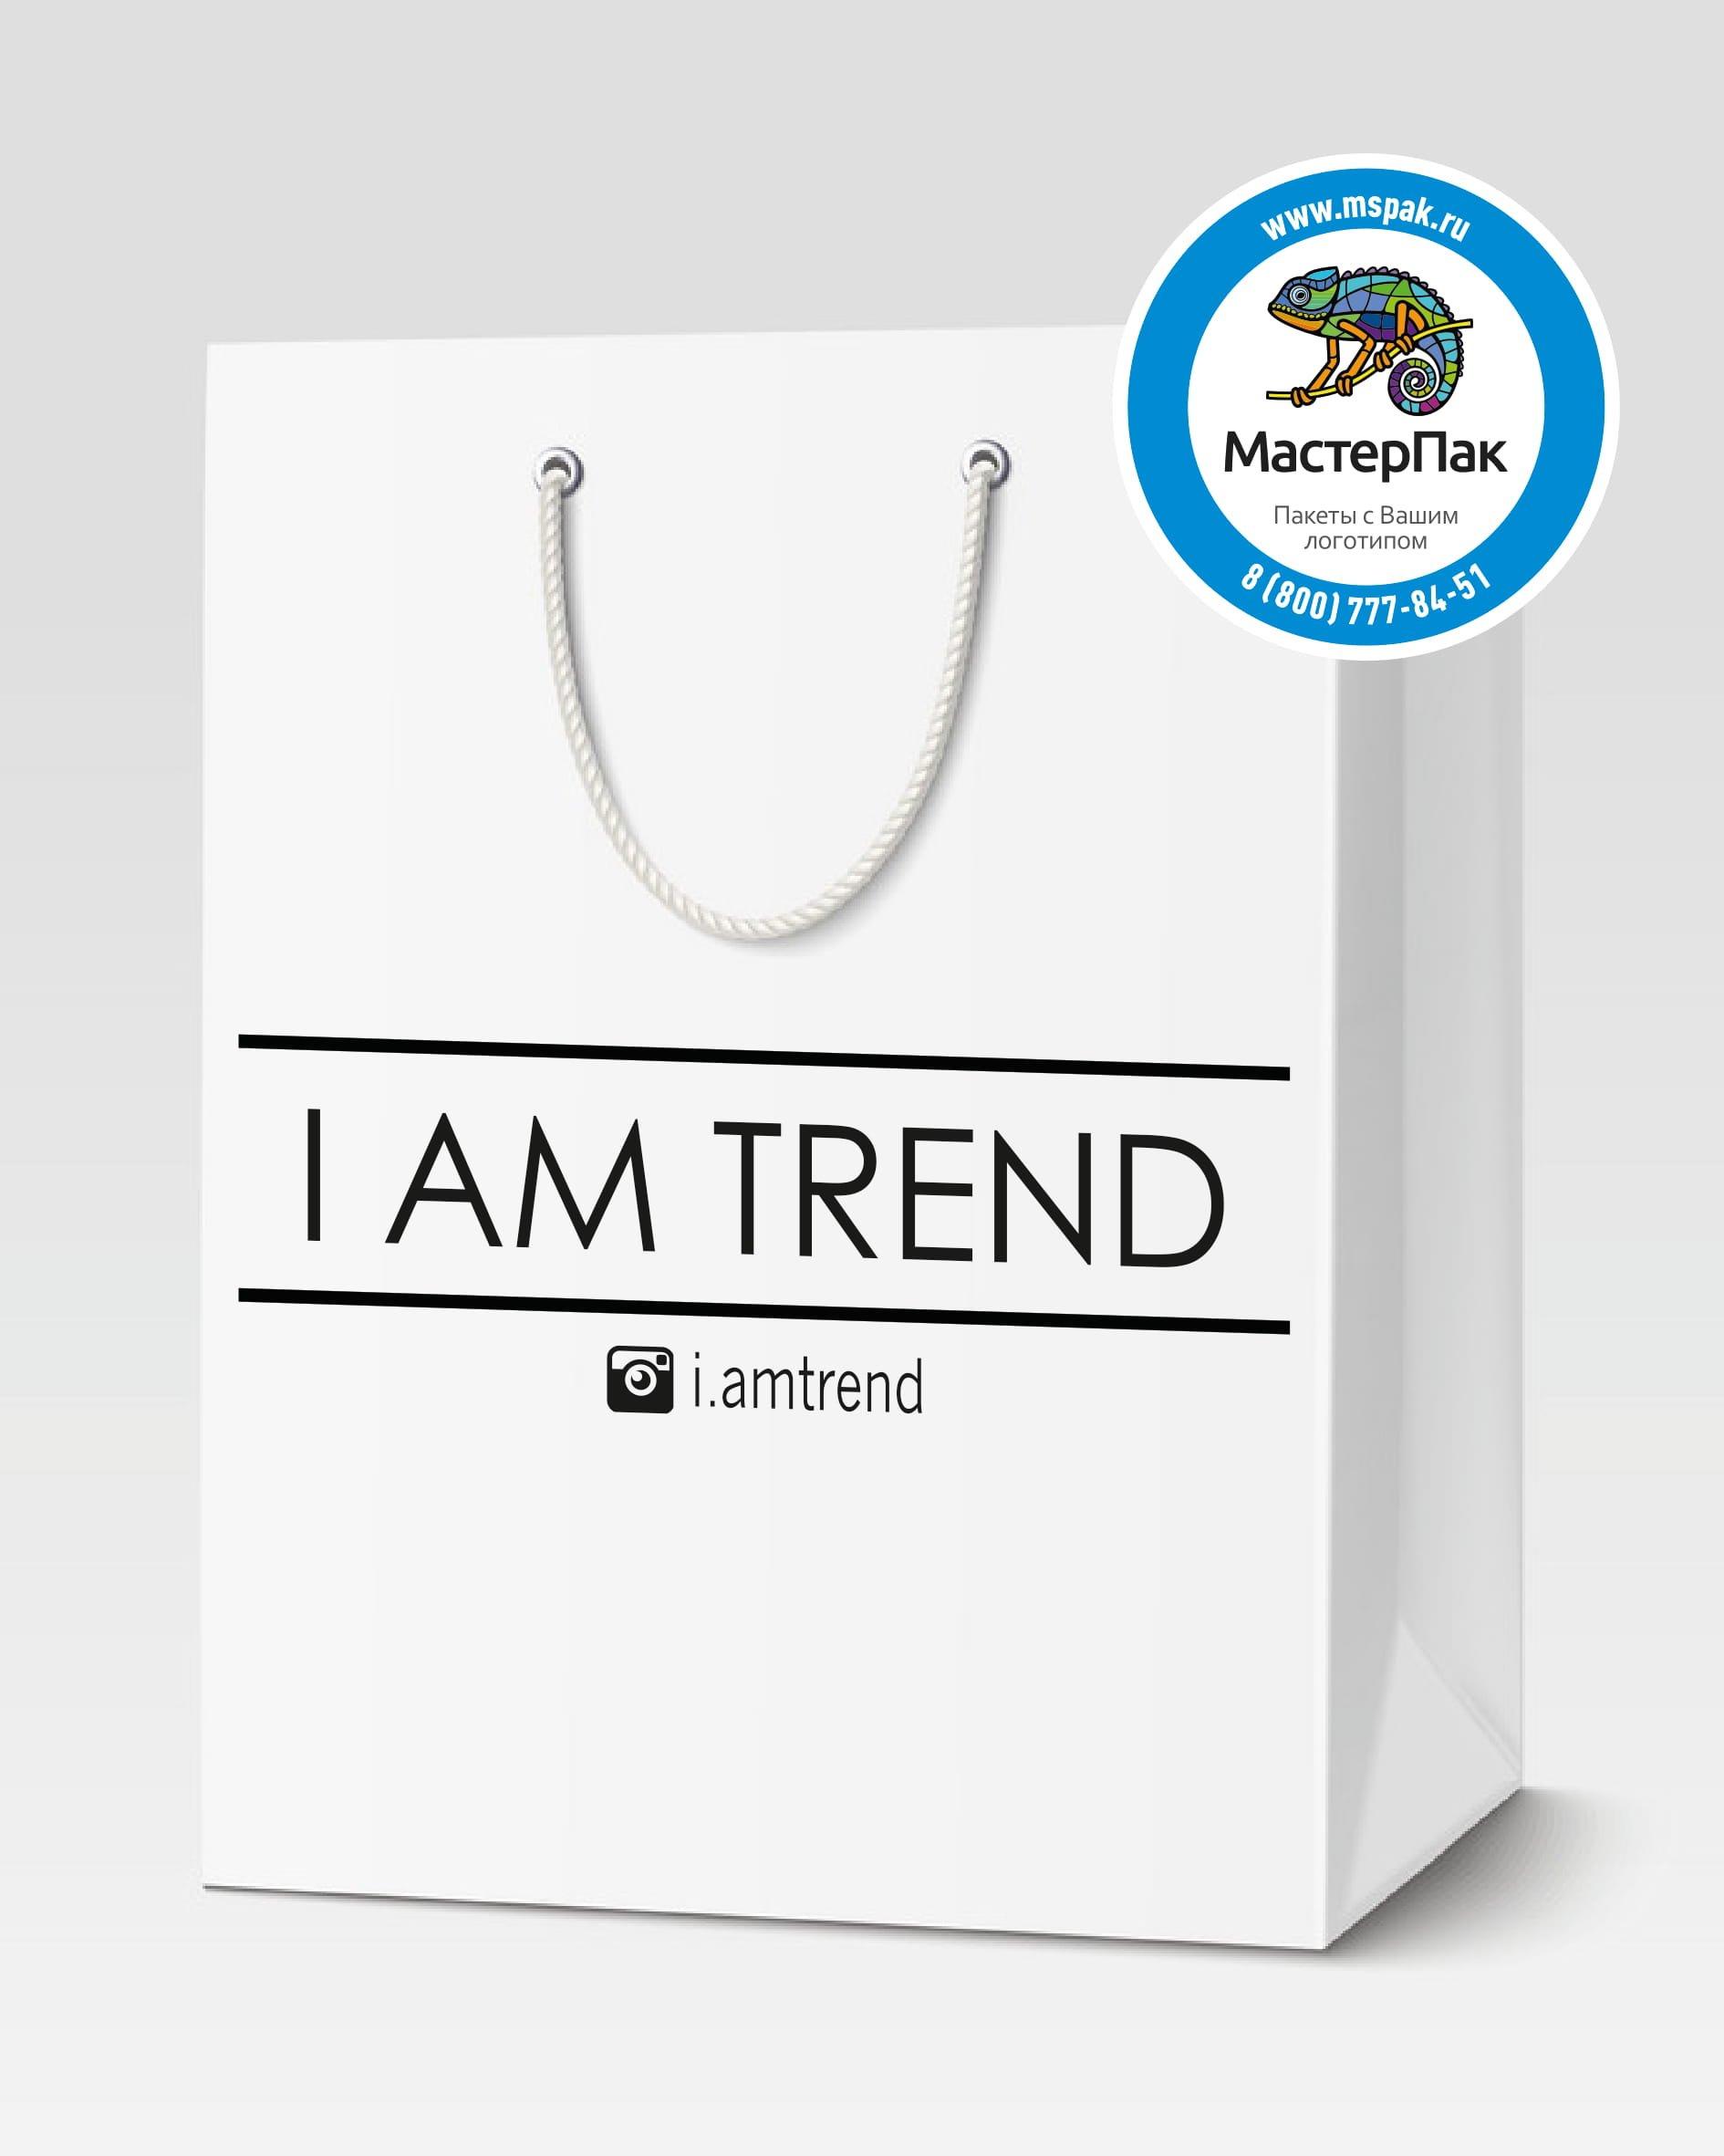 Пакет подарочный с логотипом магазина одежды I am Trend, Москва